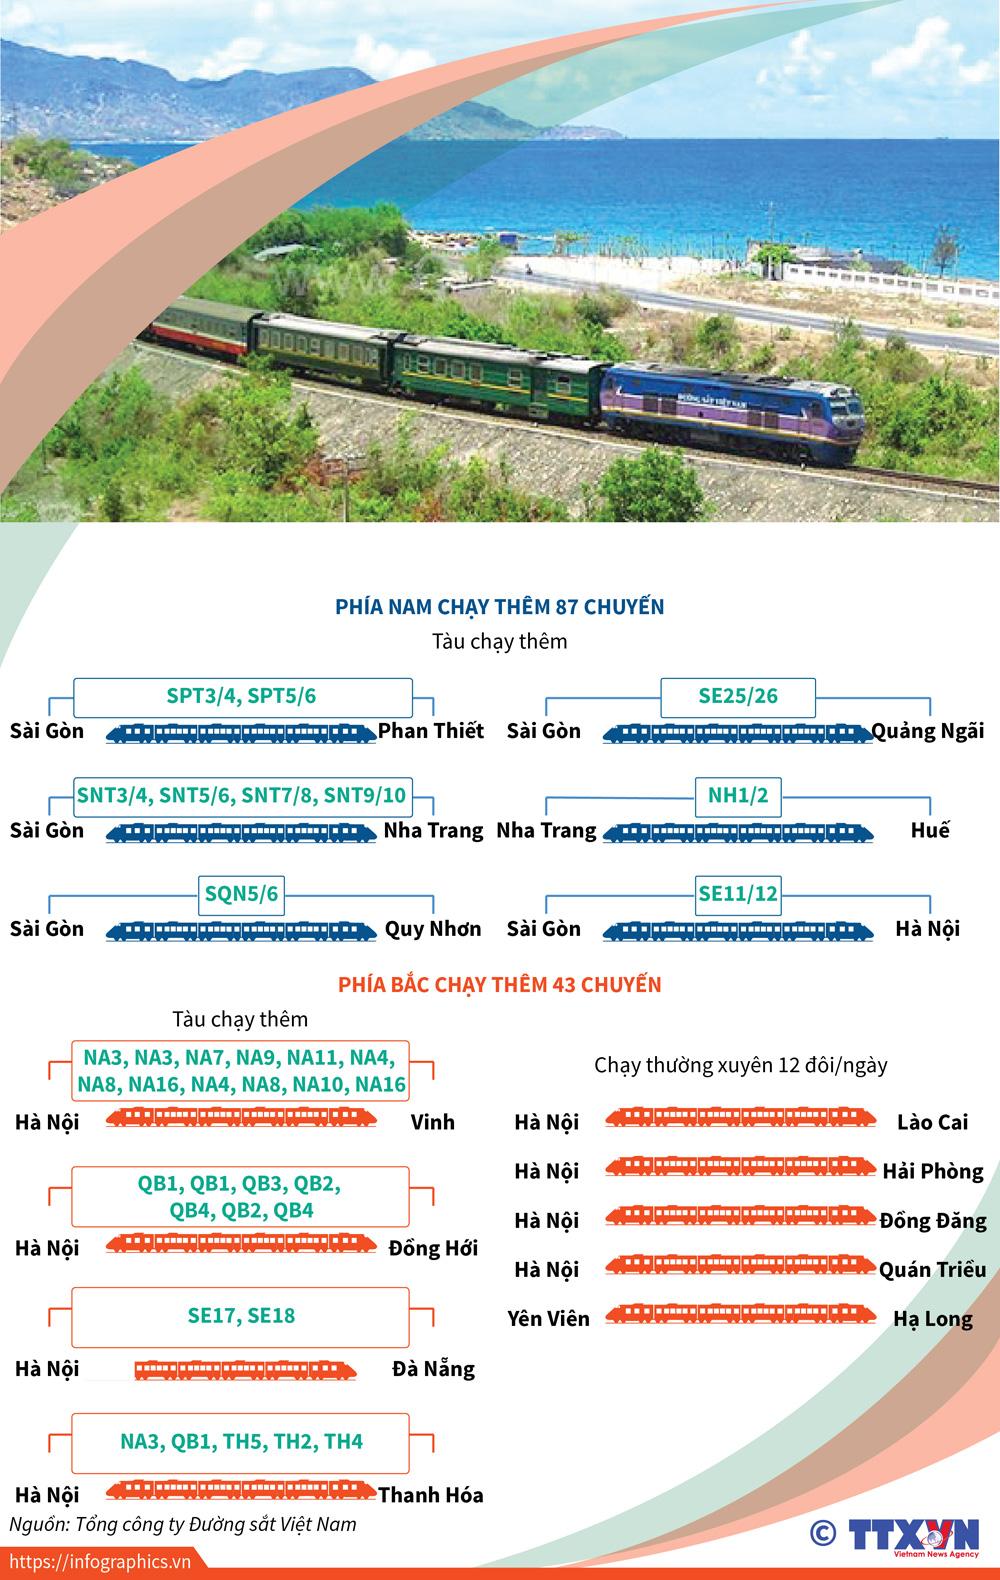 văn hóa, xã hội, tăng chuyến tàu, nghỉ lễ 30-4. 1-5